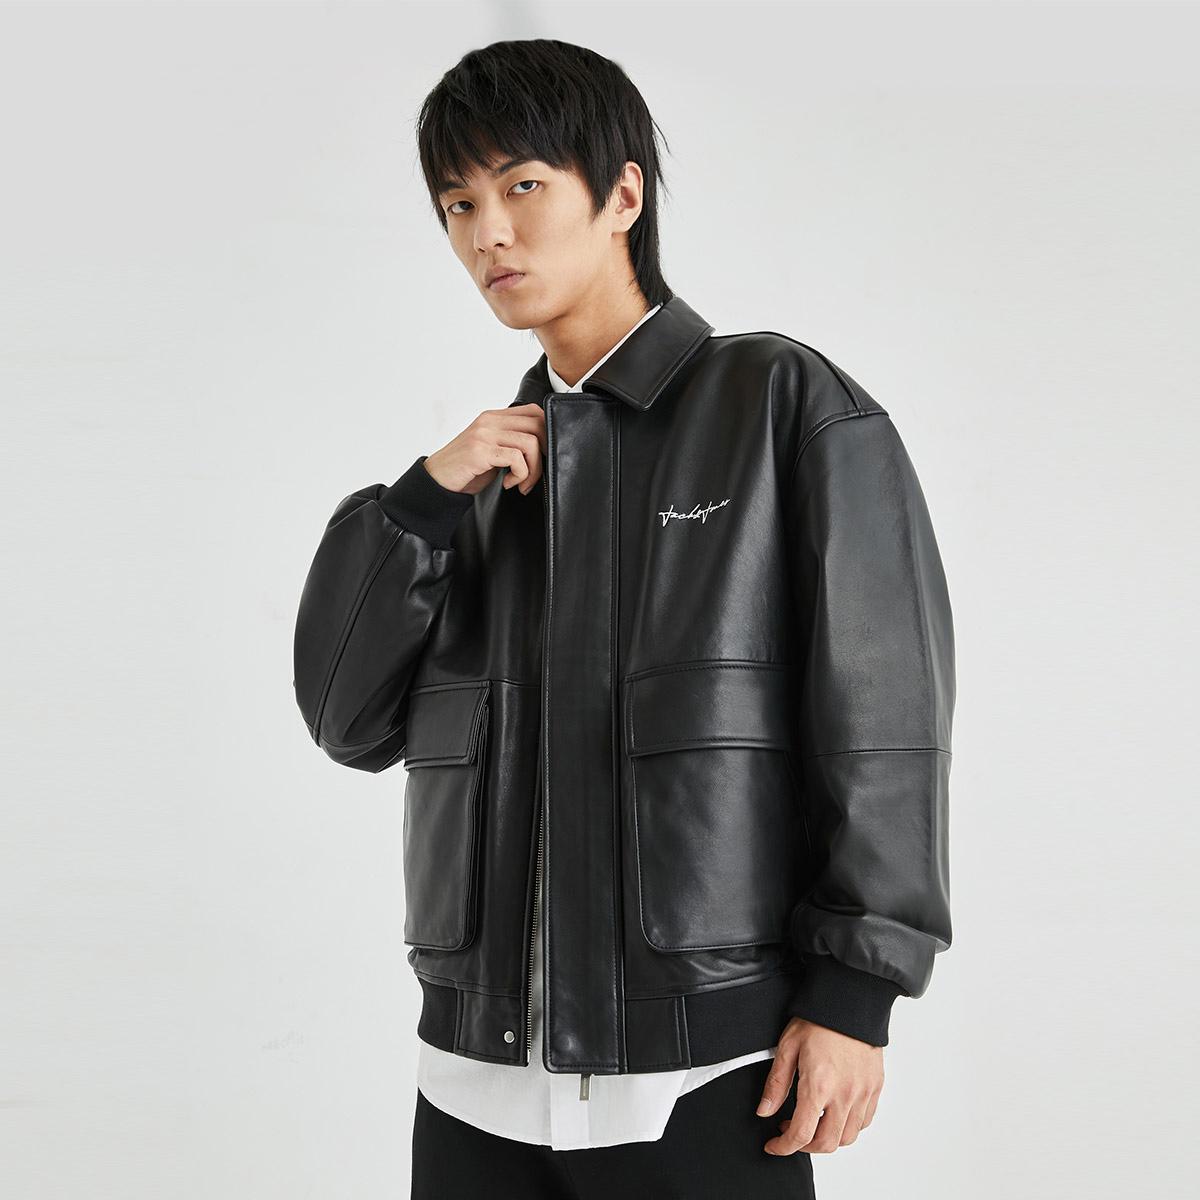 【满减】jackjones潮流帅气皮衣夹克